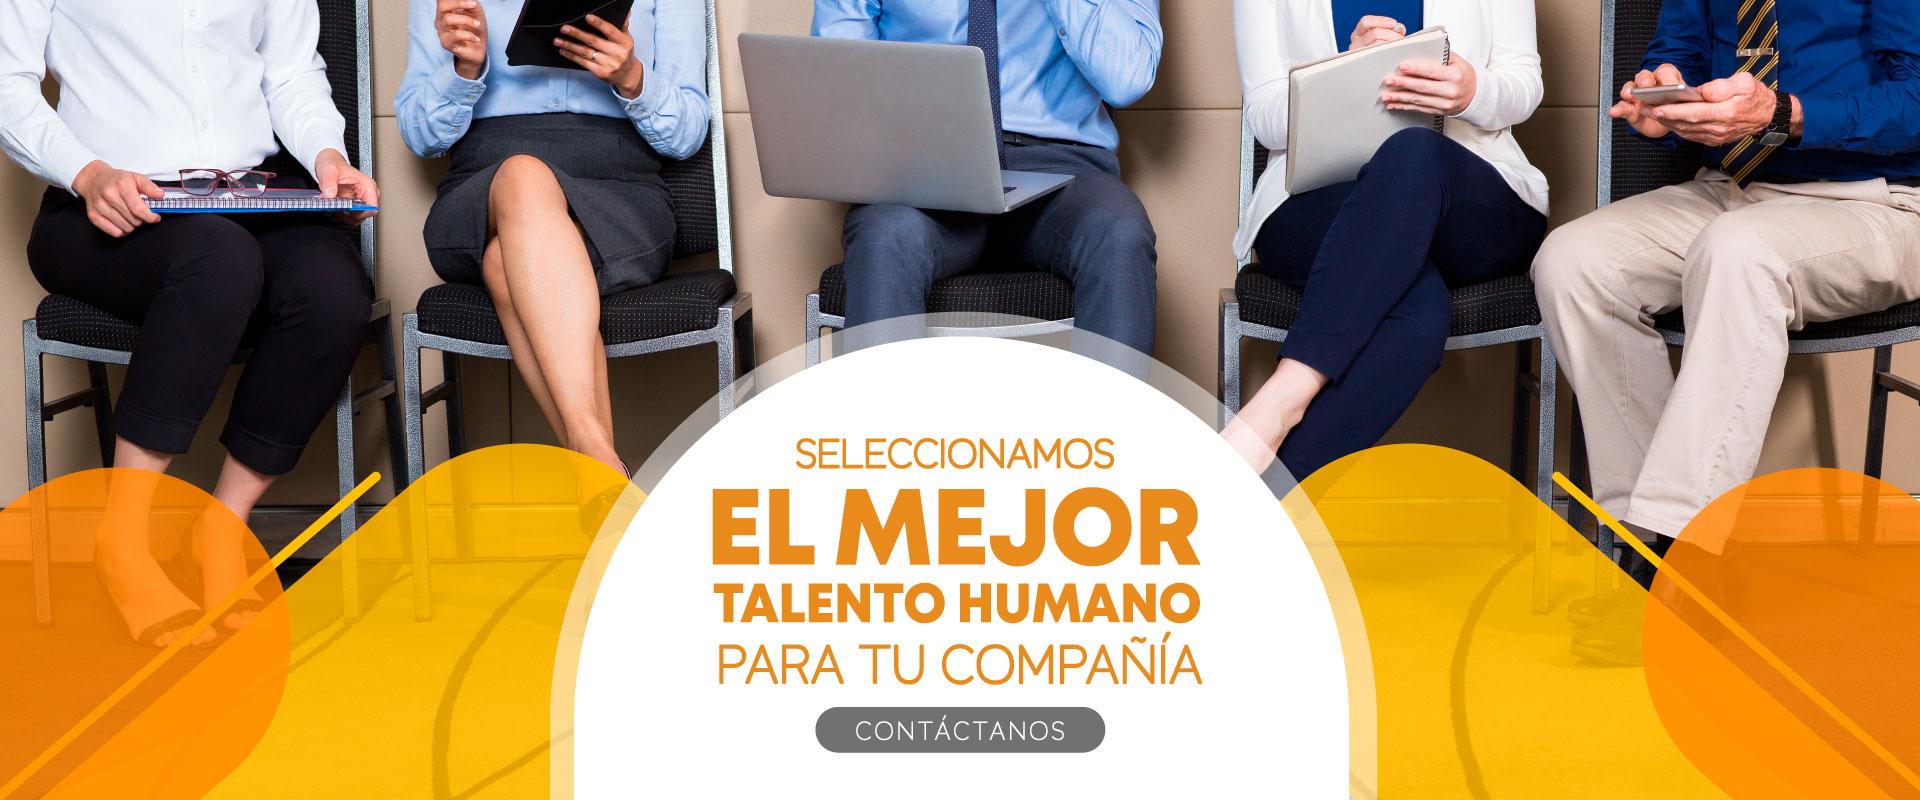 Seleccionamos el mejor talento humano para tu compañia